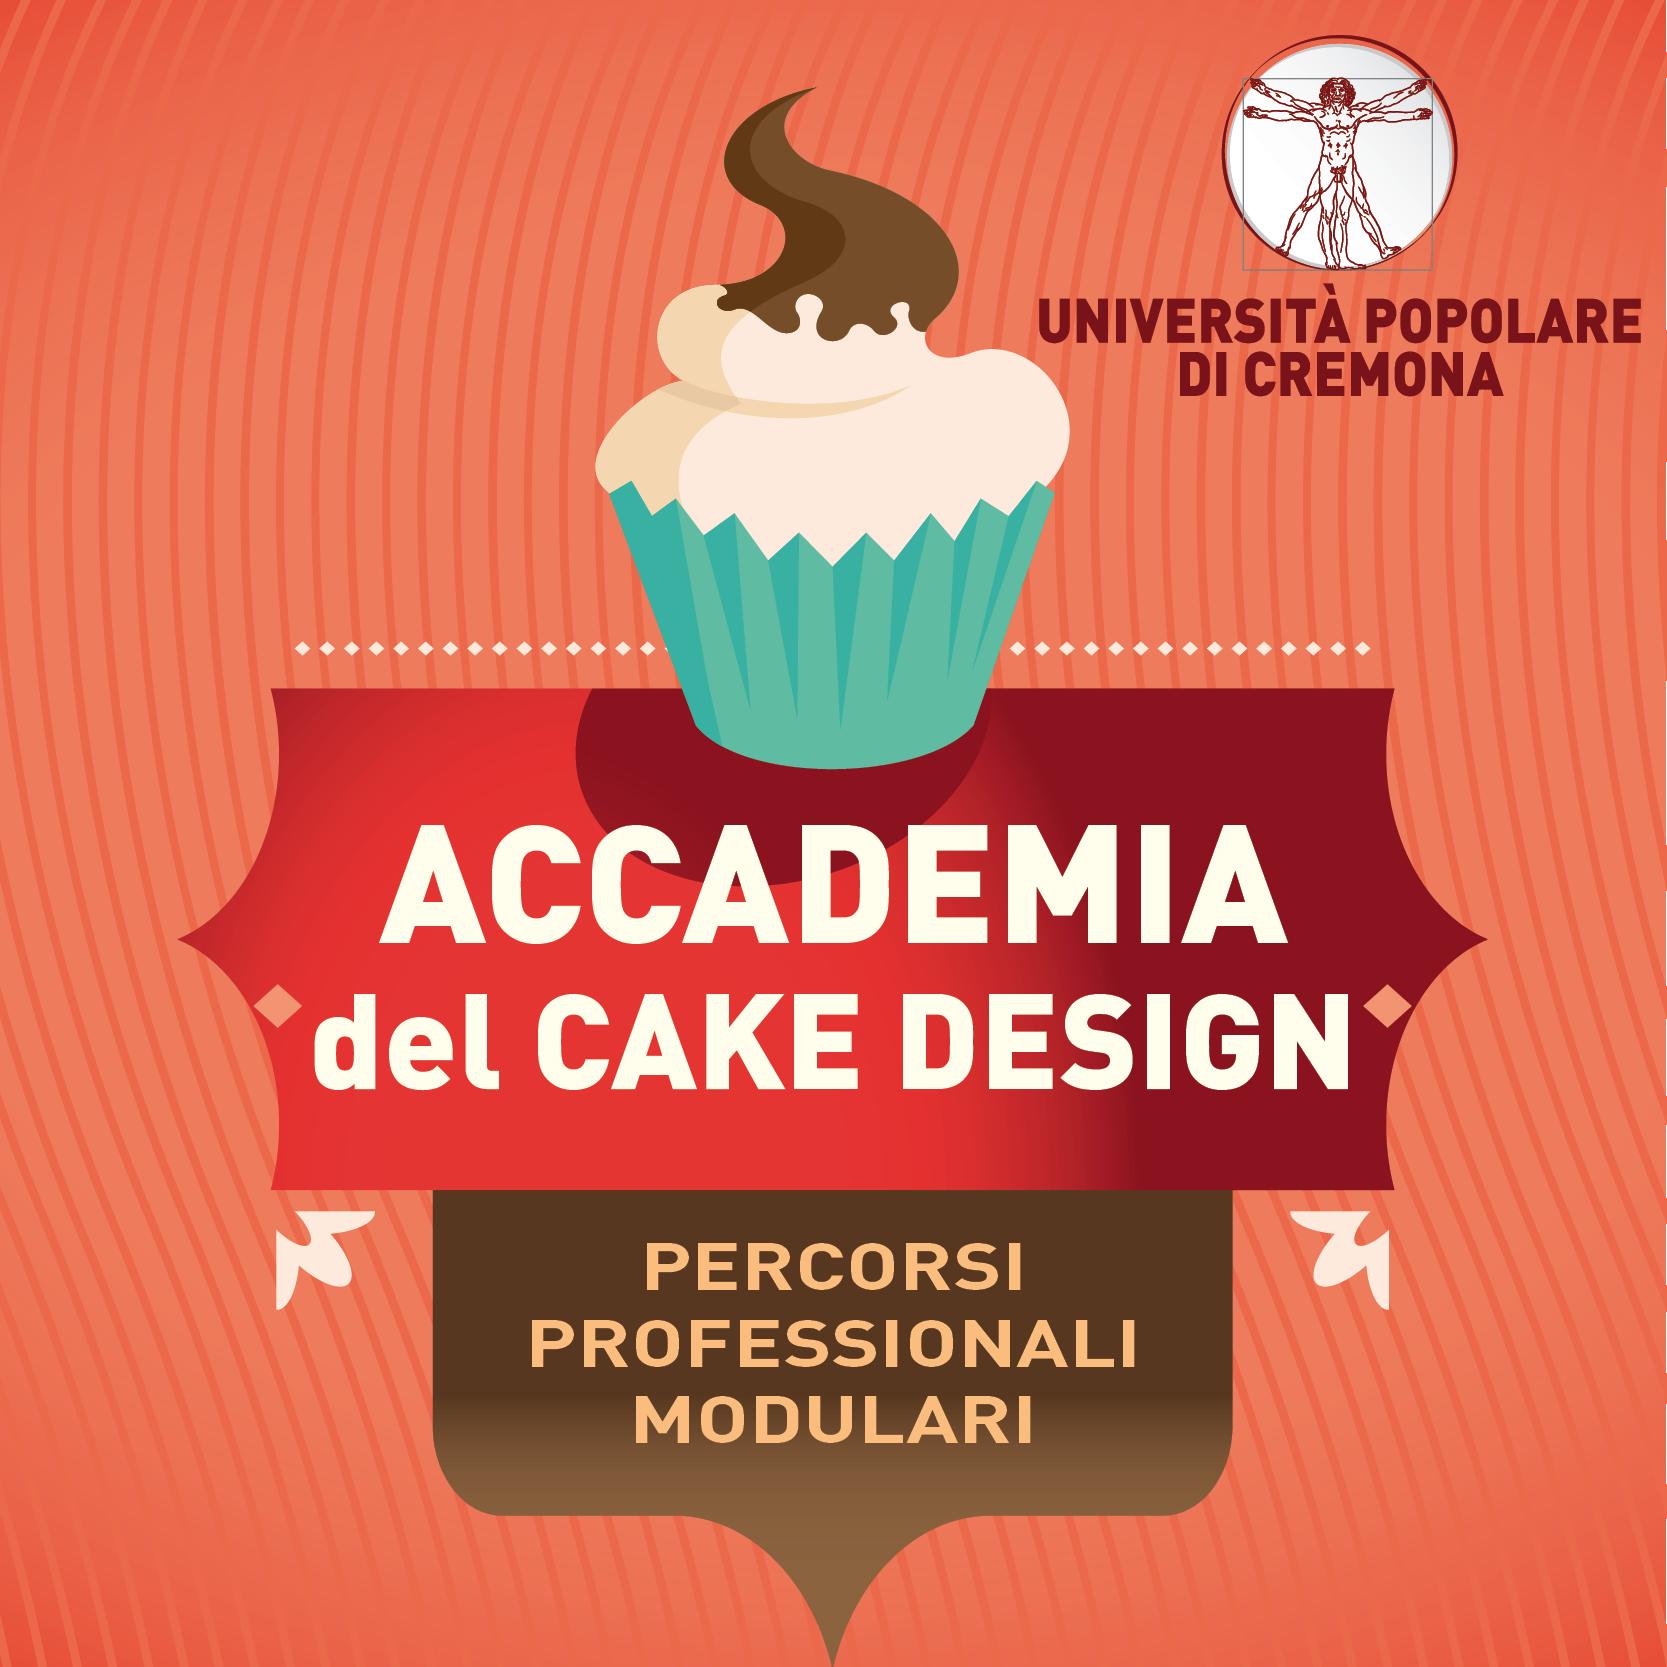 Corsi Di Cake Design Torino 2018 : ACCADEMIA DEL CAKE DESIGN CREMONA